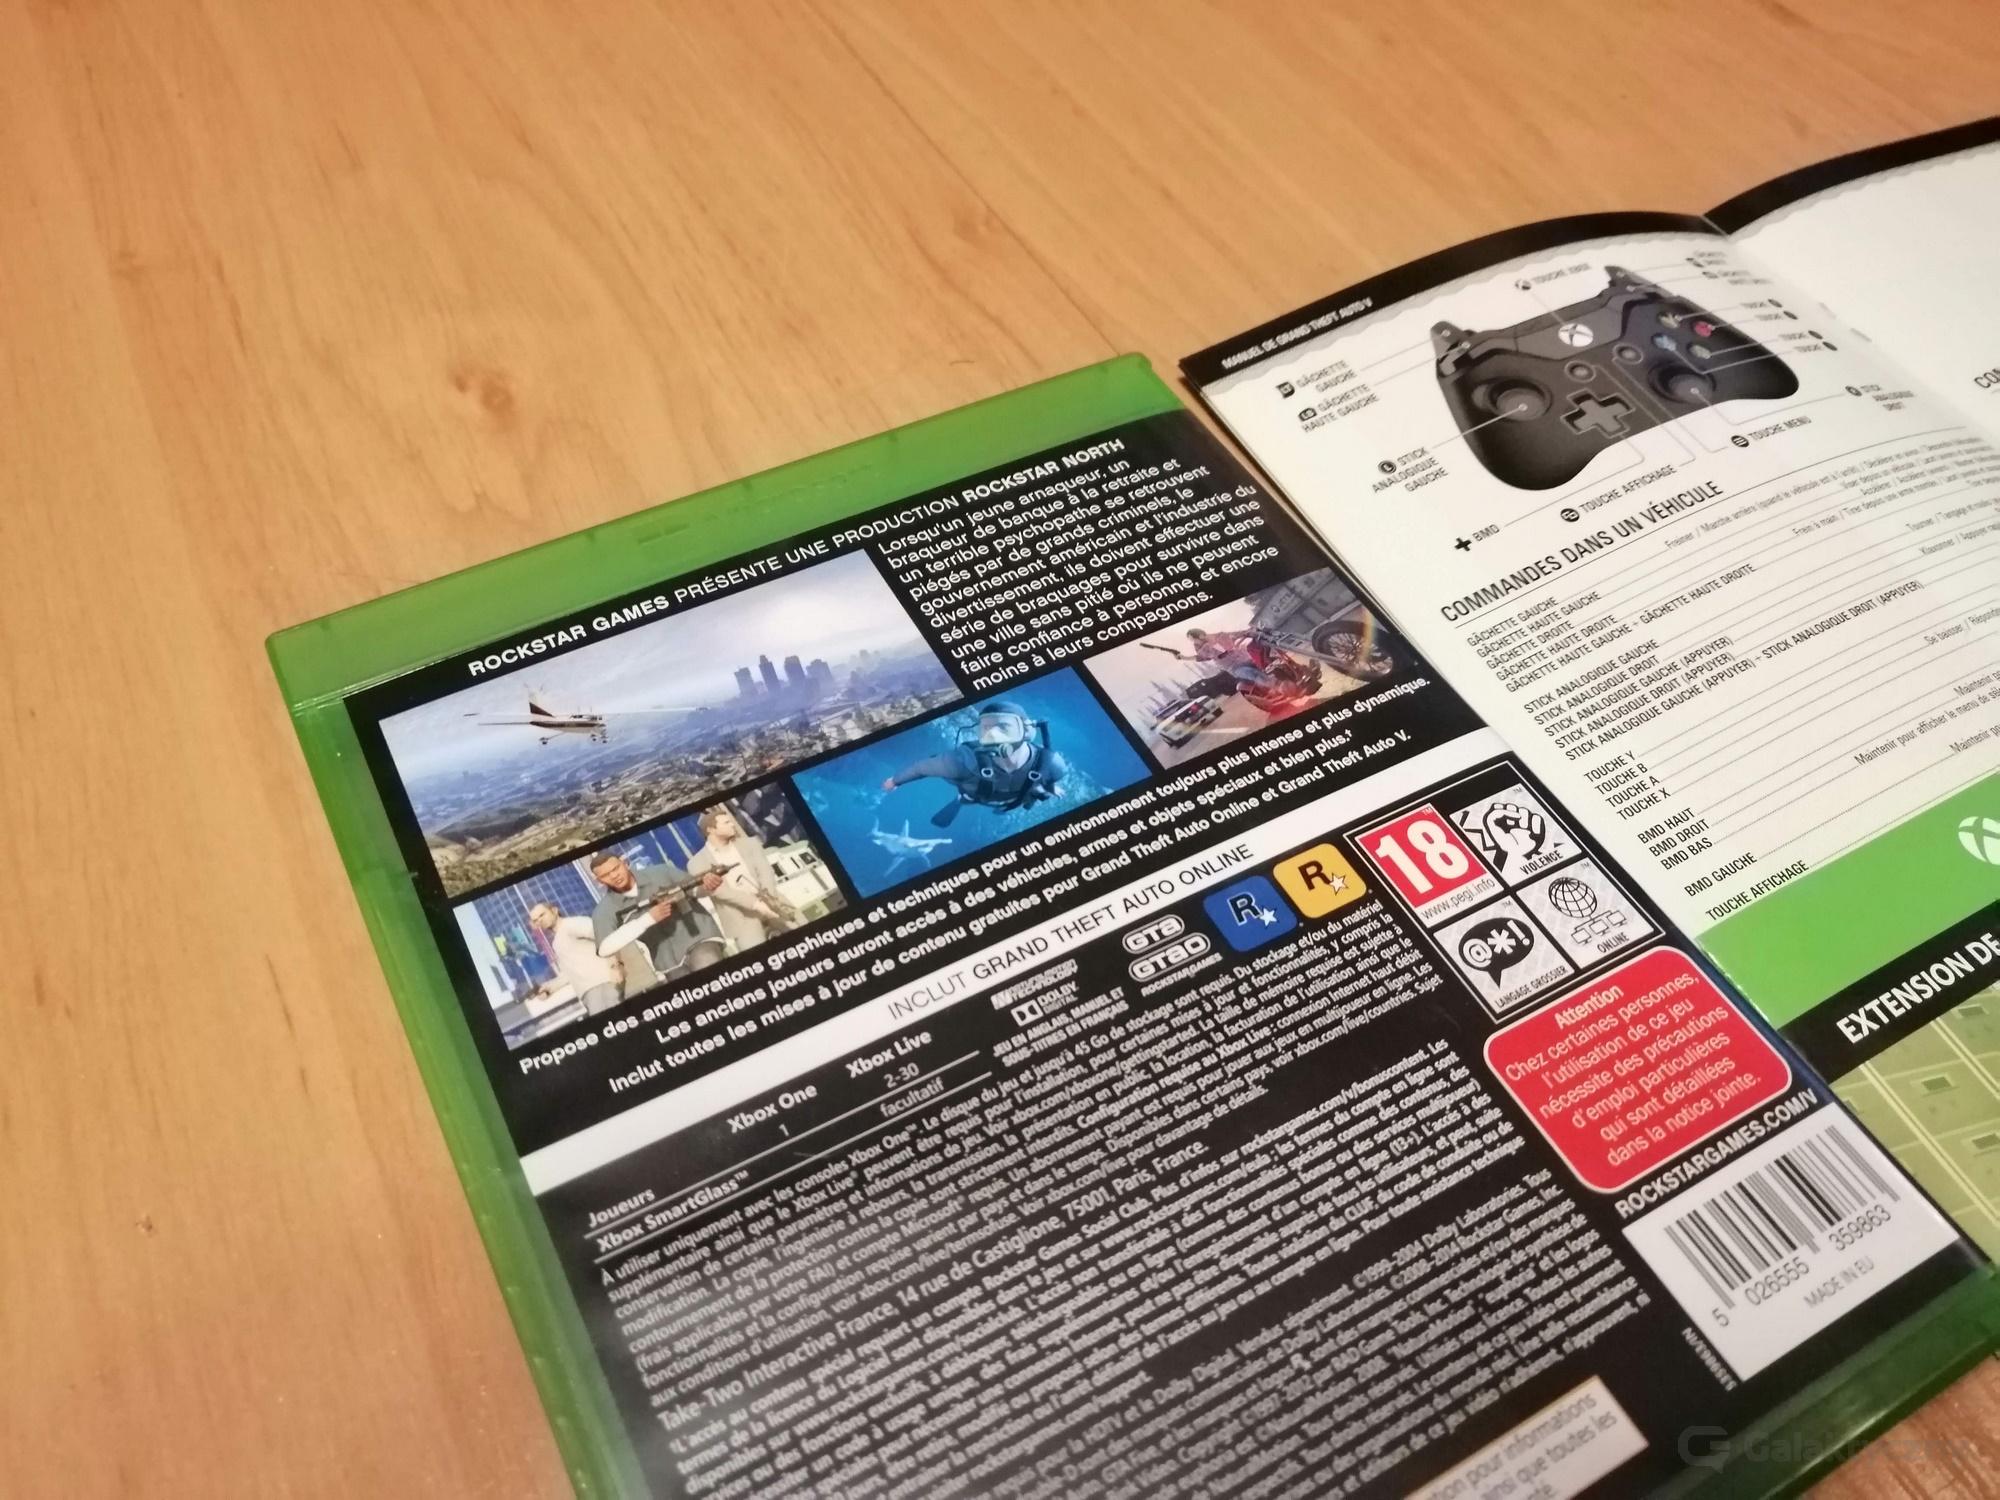 Pudełko GTA V z Morele.net